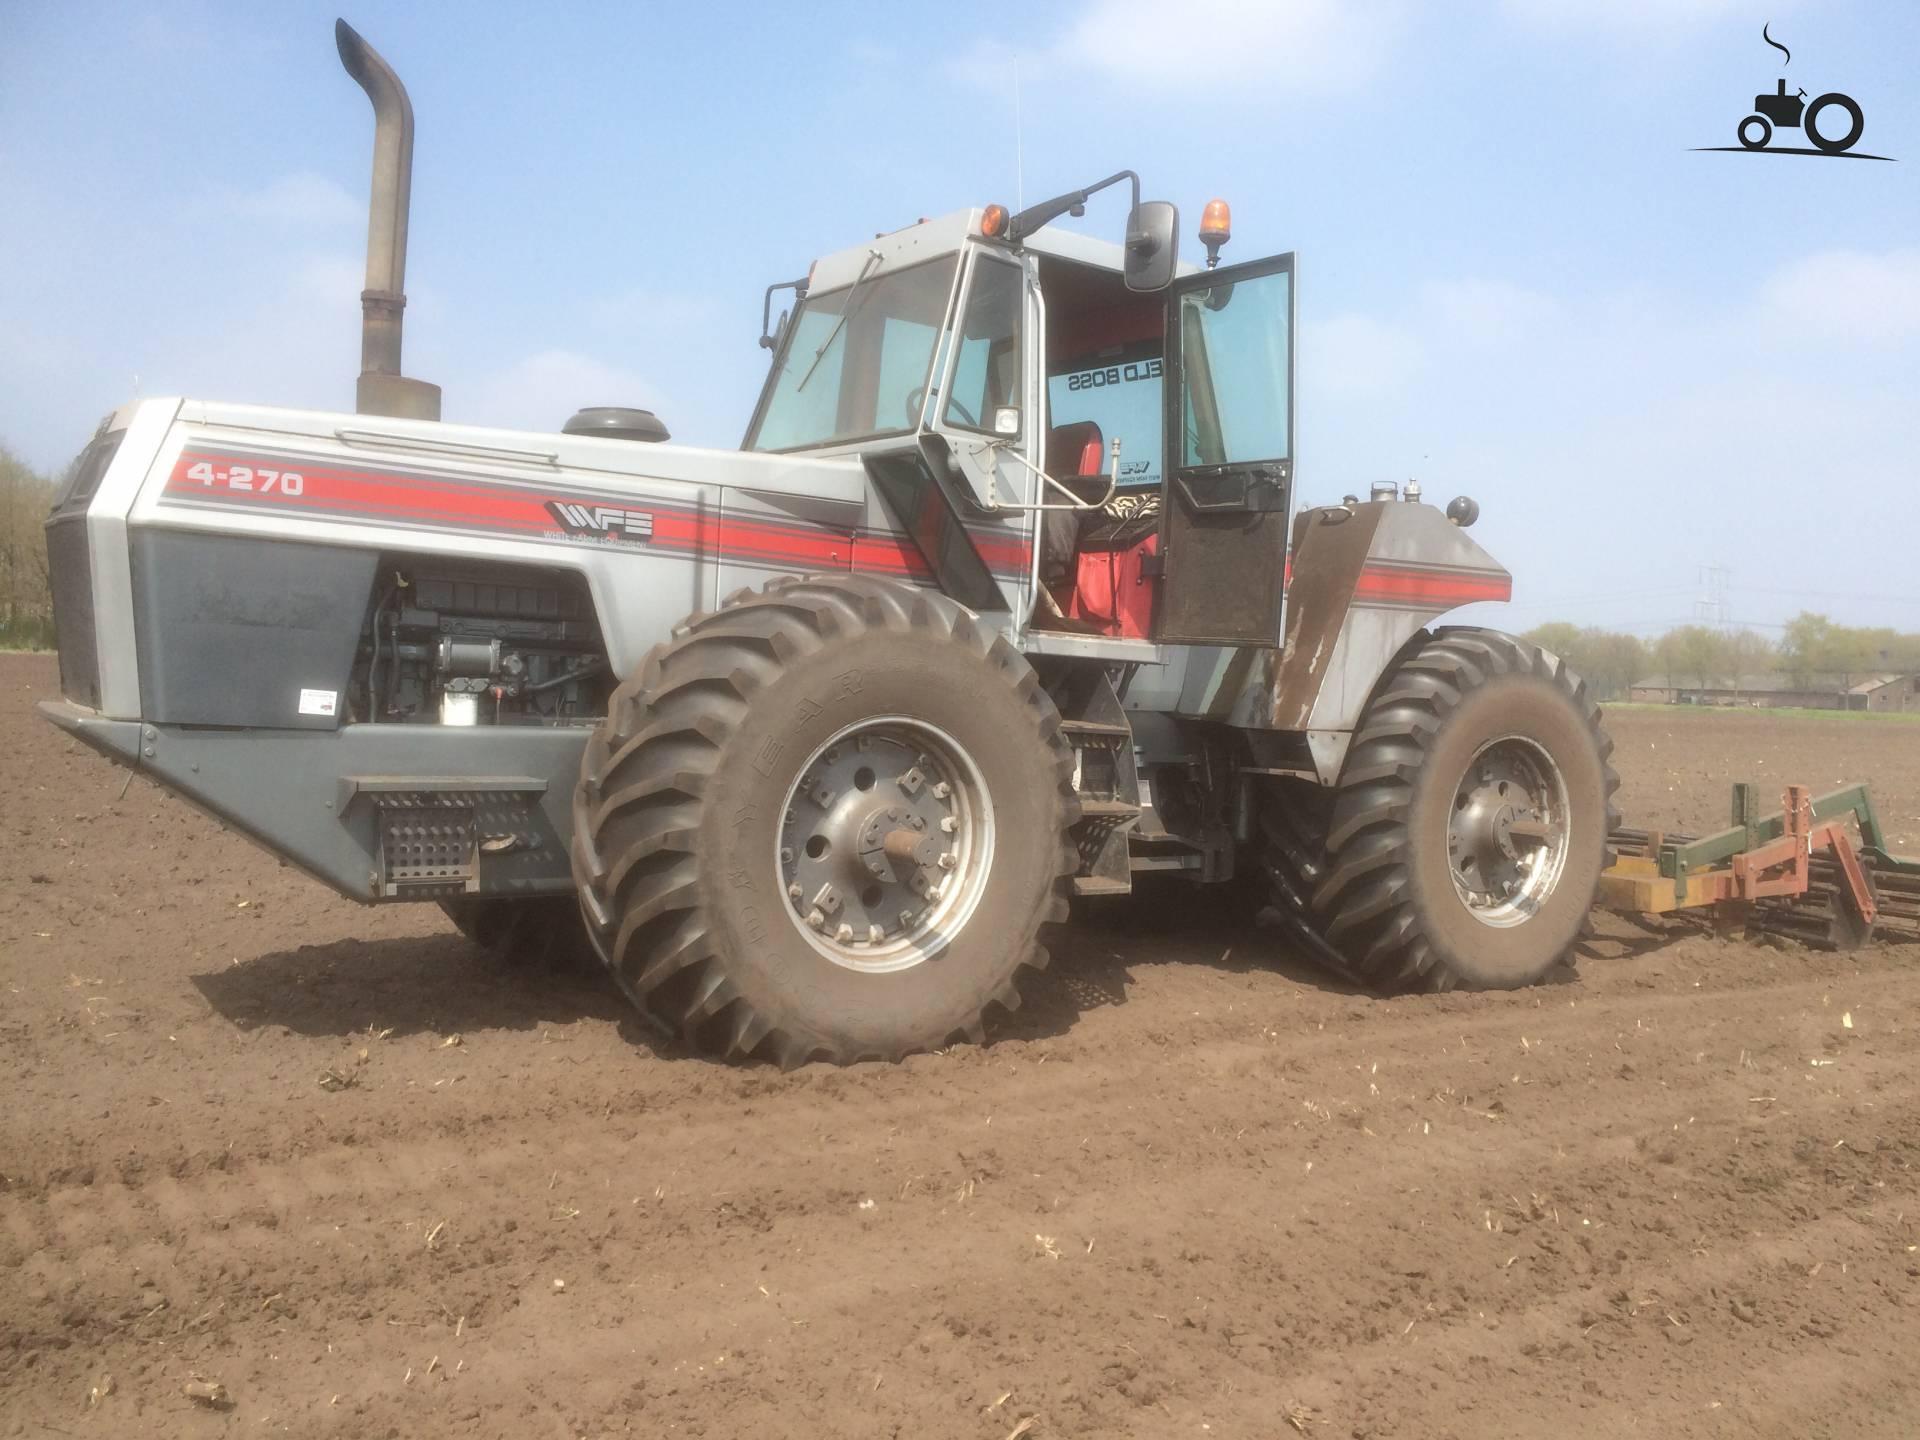 White 4 270 Tractor : White foto s